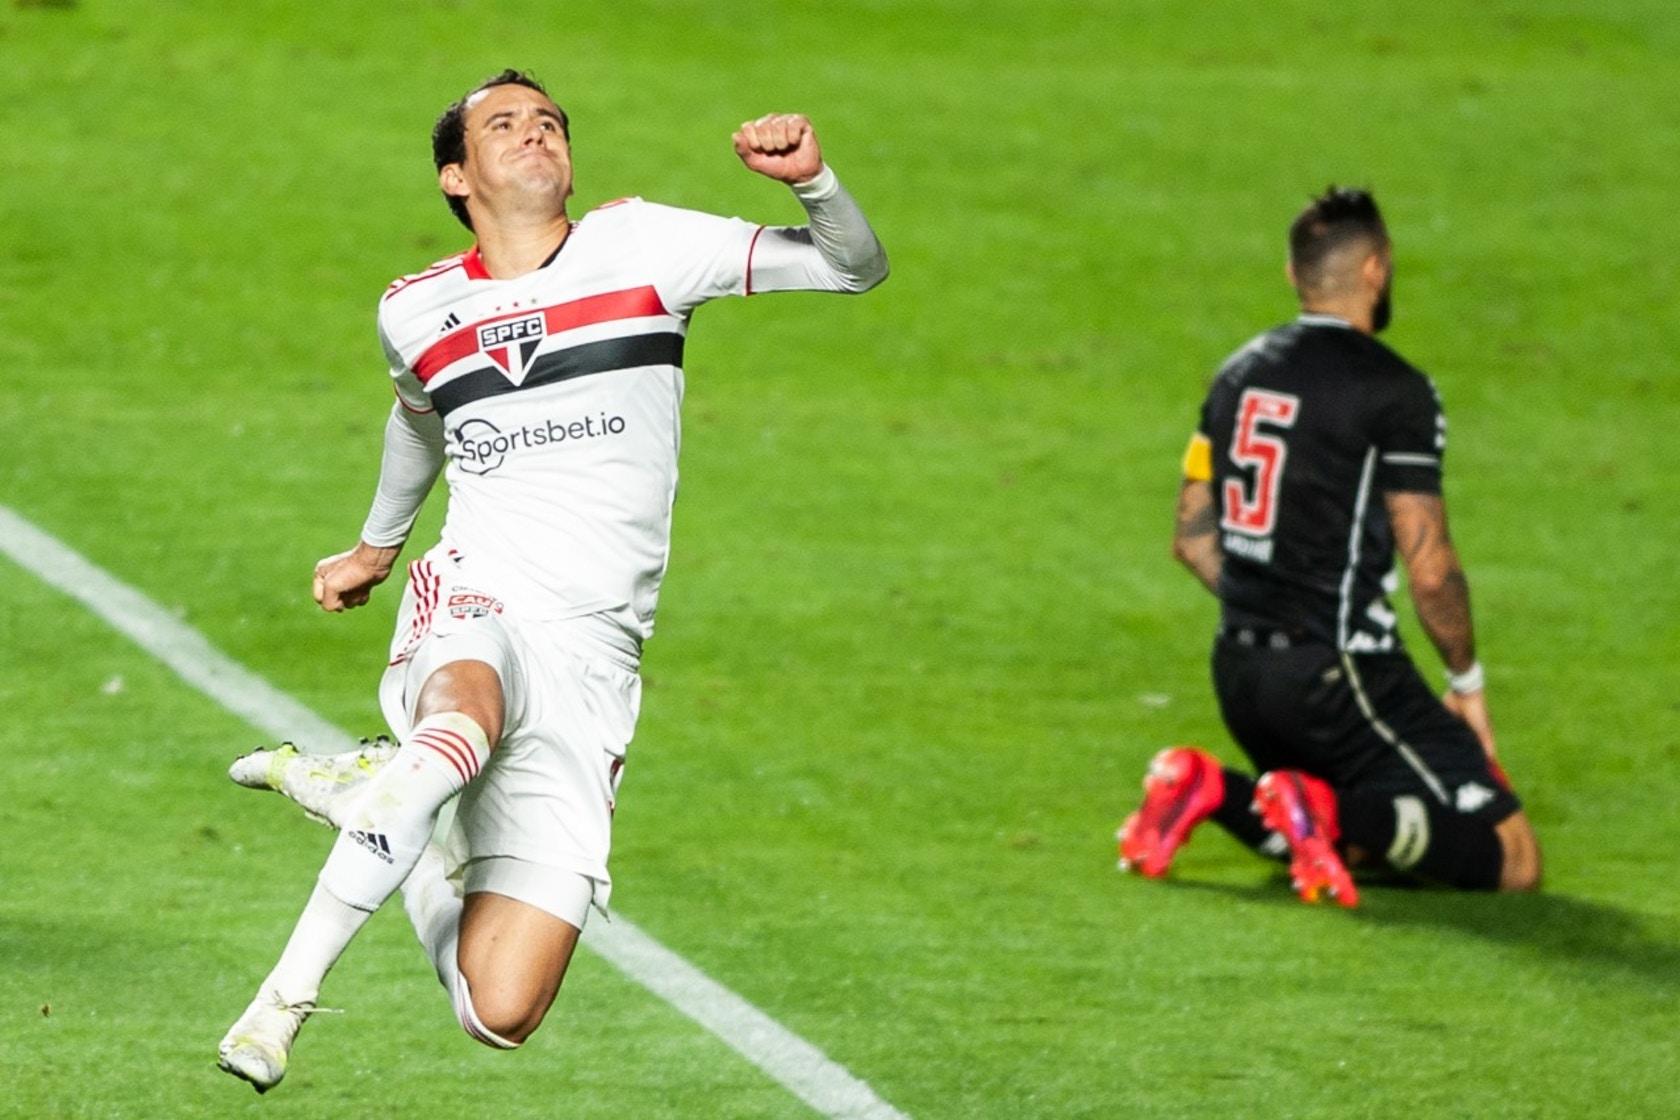 Pablo terá nova chance hoje contra o Vasco; será que corresponde?